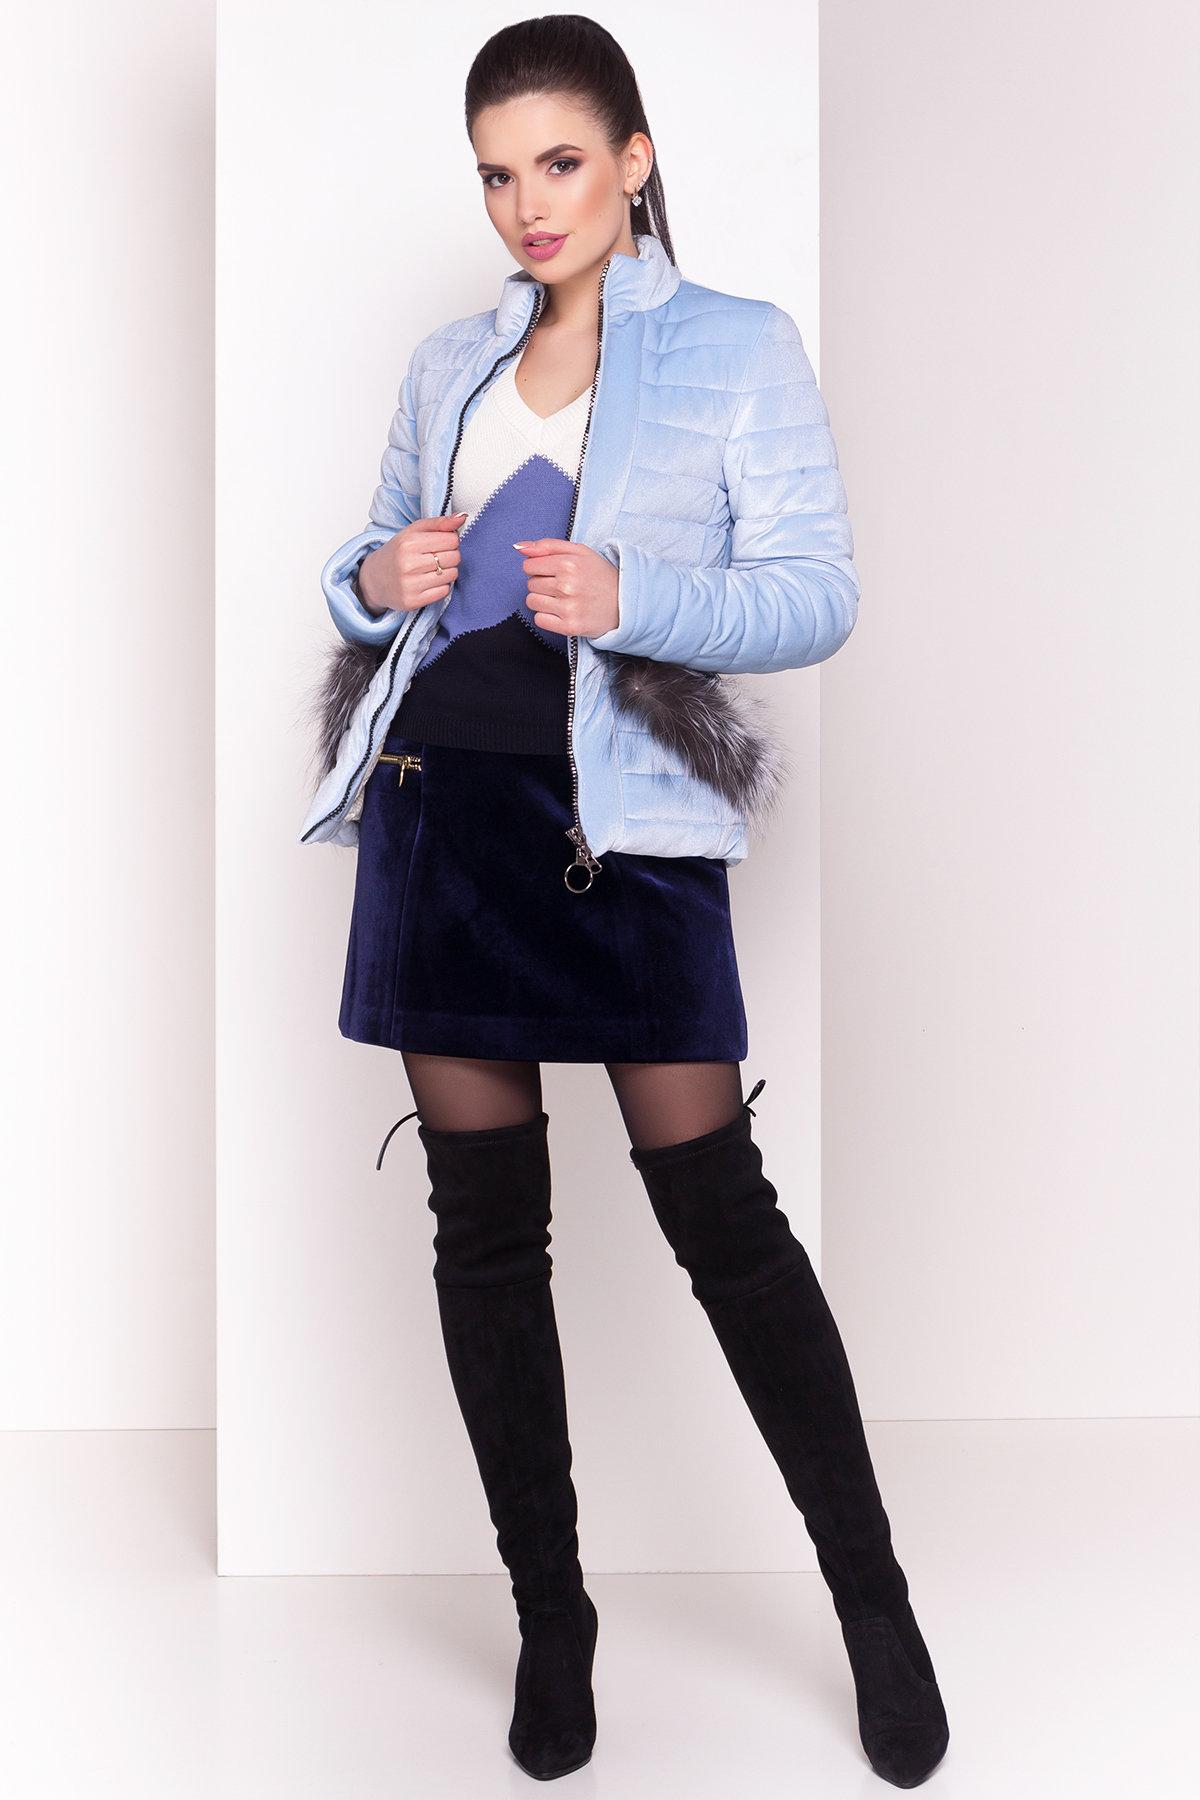 Куртка с мехом на карманах Дезире 4452 АРТ. 21968 Цвет: Голубой - фото 2, интернет магазин tm-modus.ru